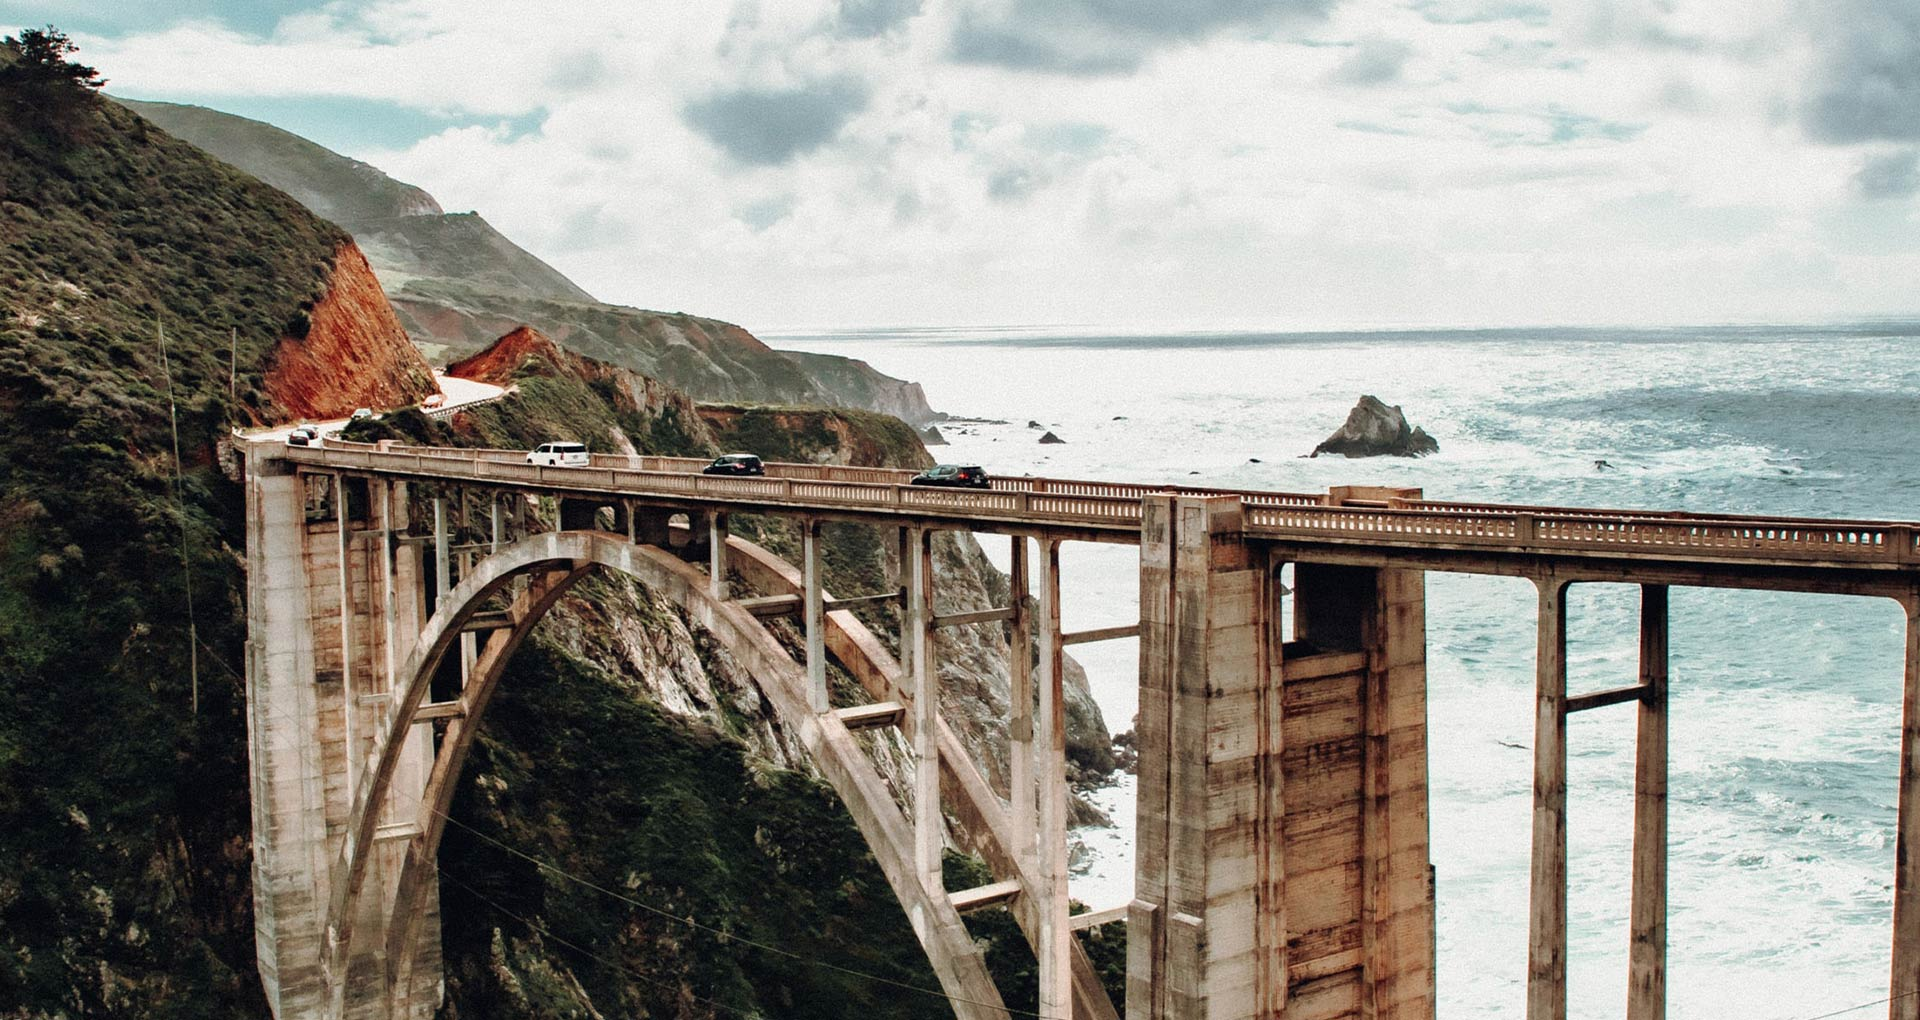 Brücke in Kalifornien, dahinter der Ozean